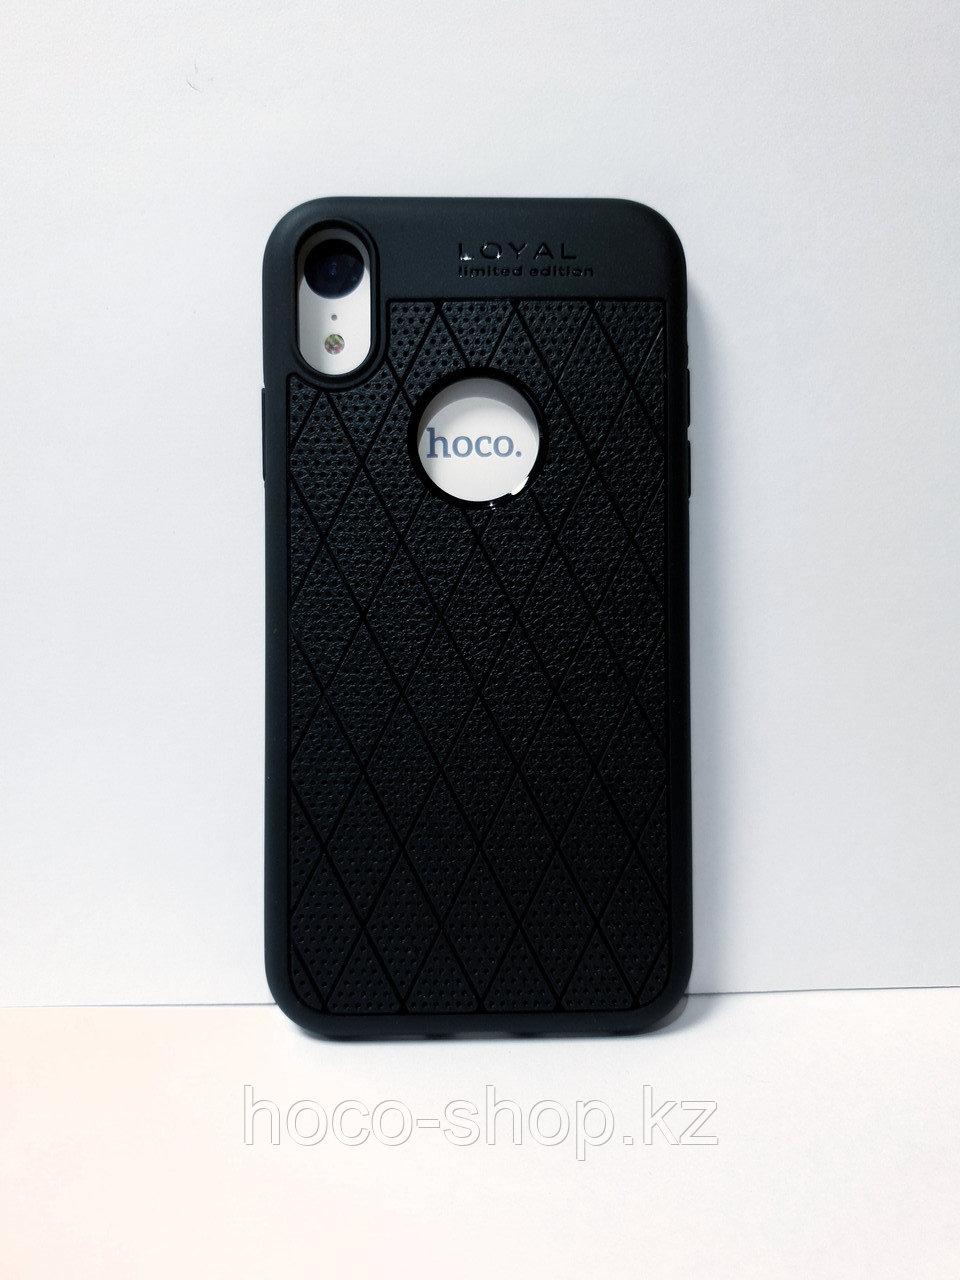 Противоударный чехол Hoco iPhone Xs Max - фото 1